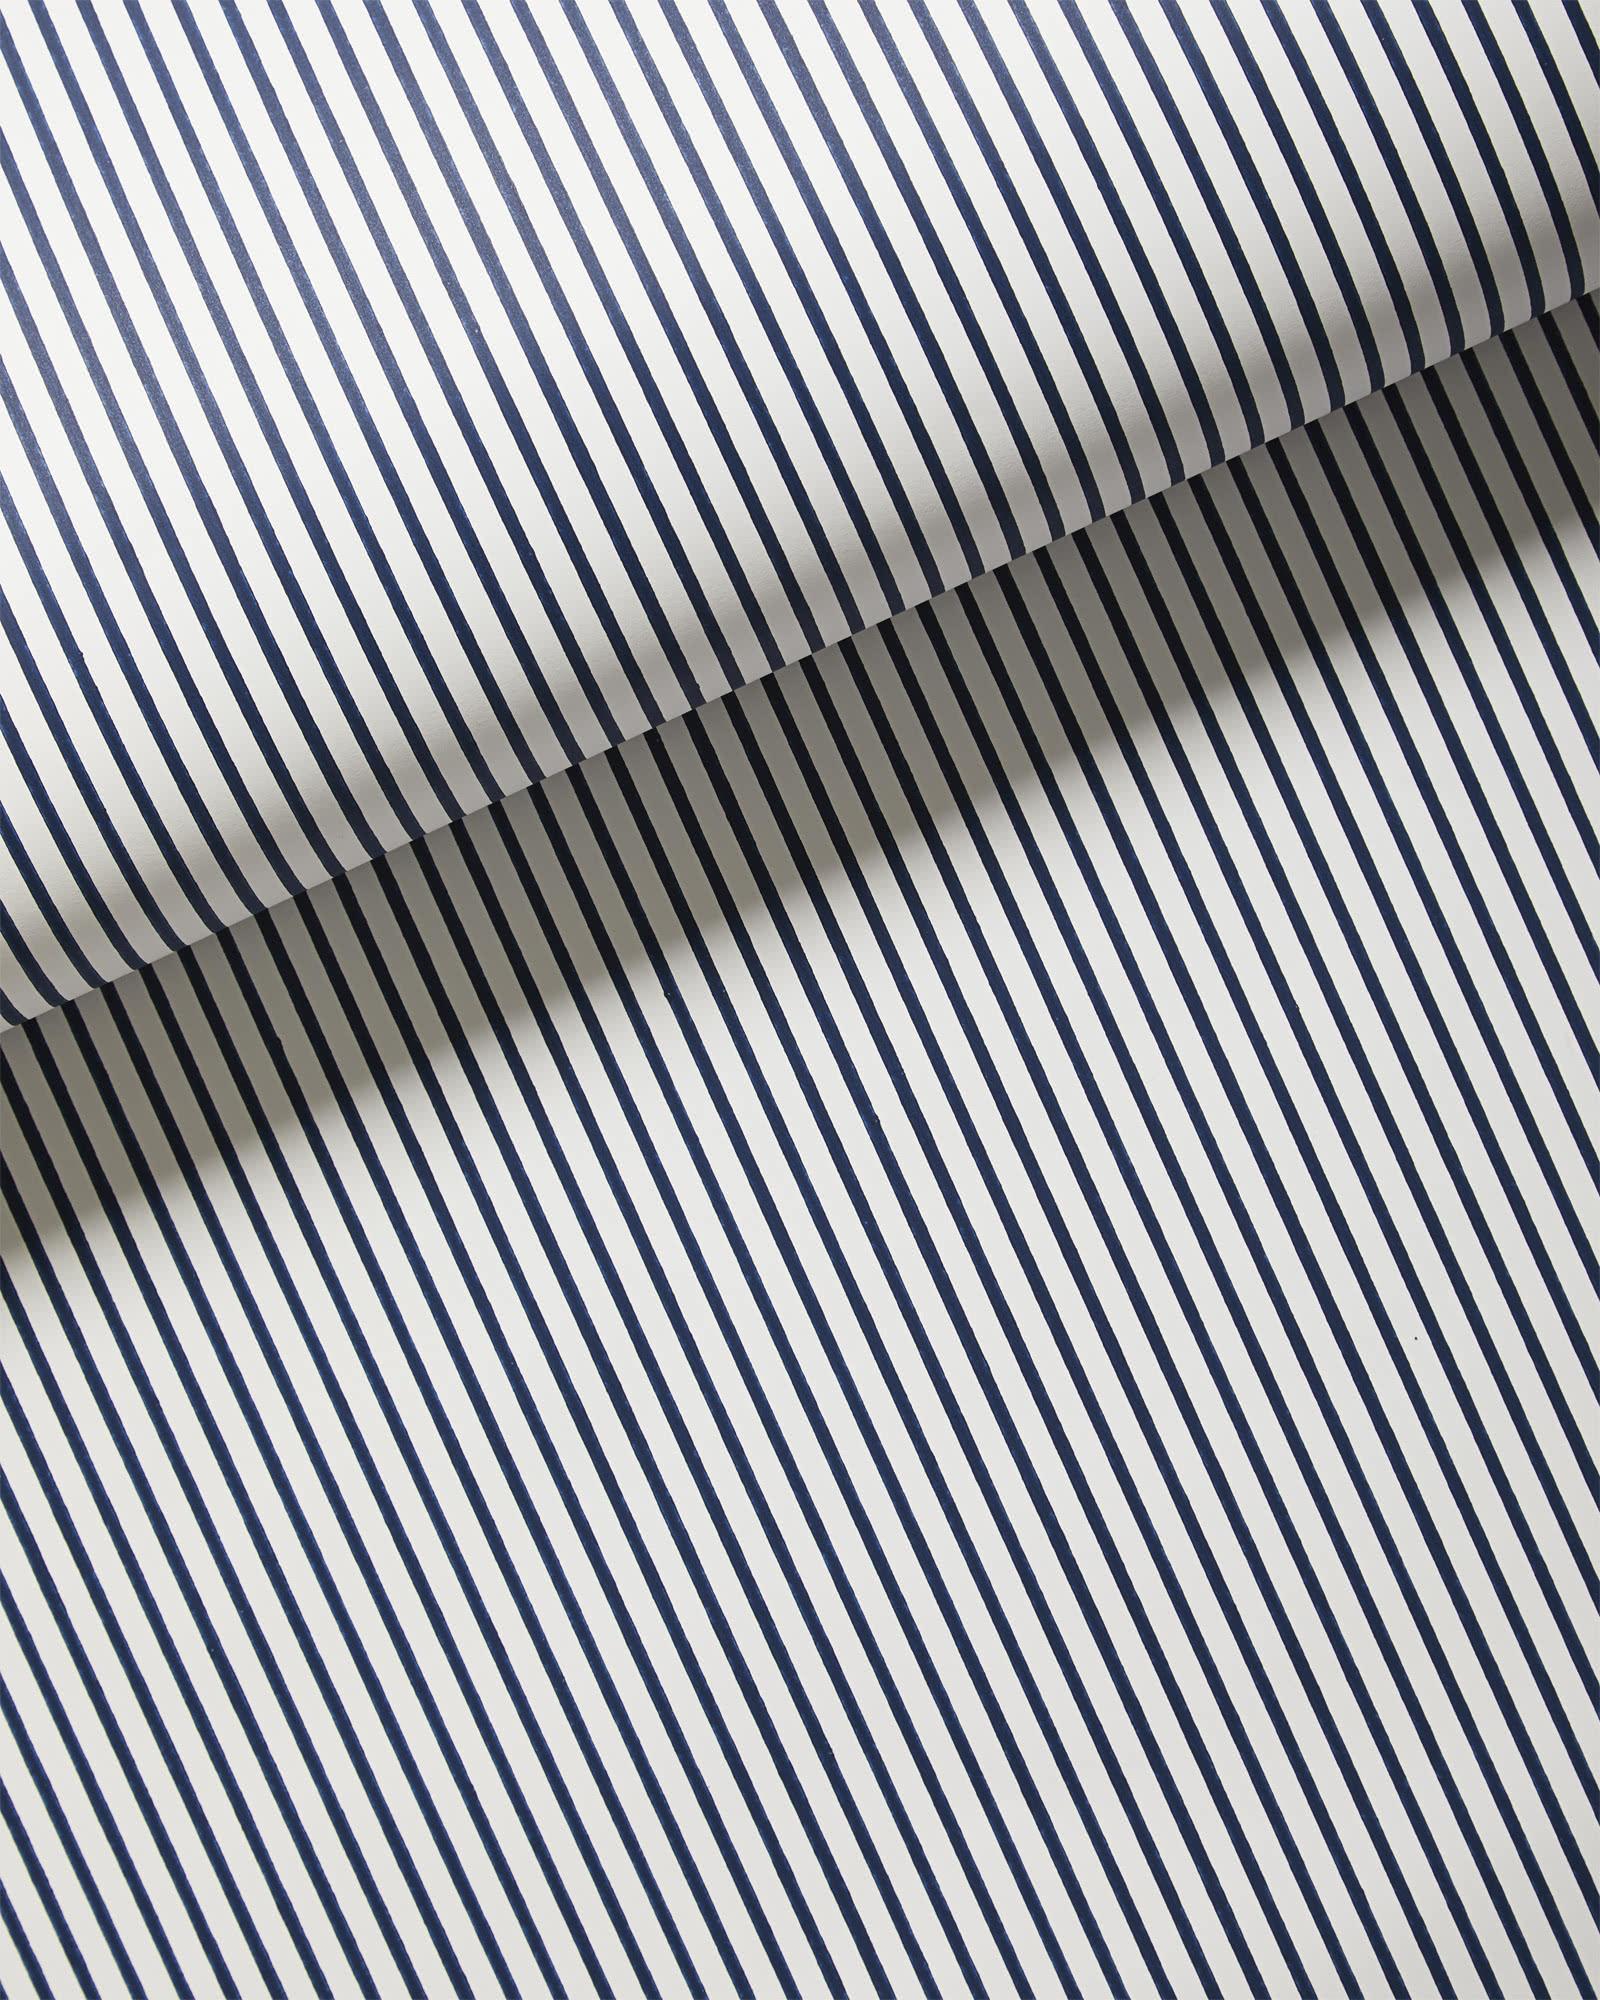 Wallpaper_Oxford_Stripe_Navy_MV_1388_Crop_BASE.jpg